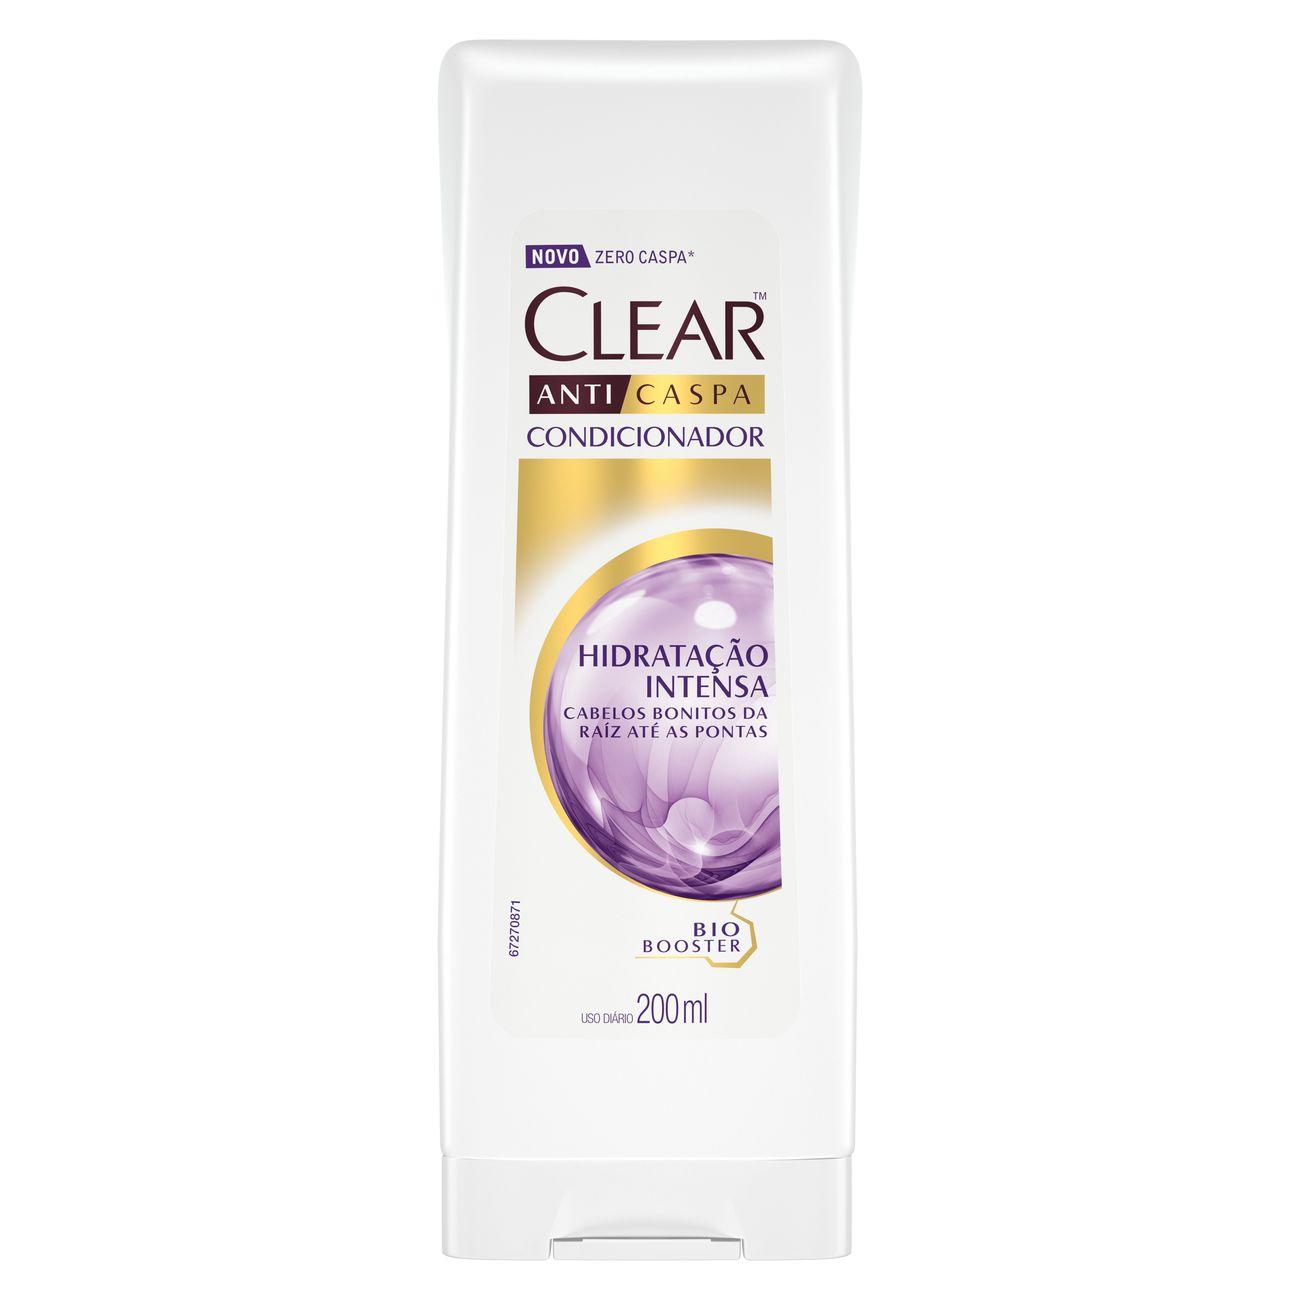 Condicionador Anticaspa CLEAR Women Hidratação Intensa 200ml | Caixa com 1